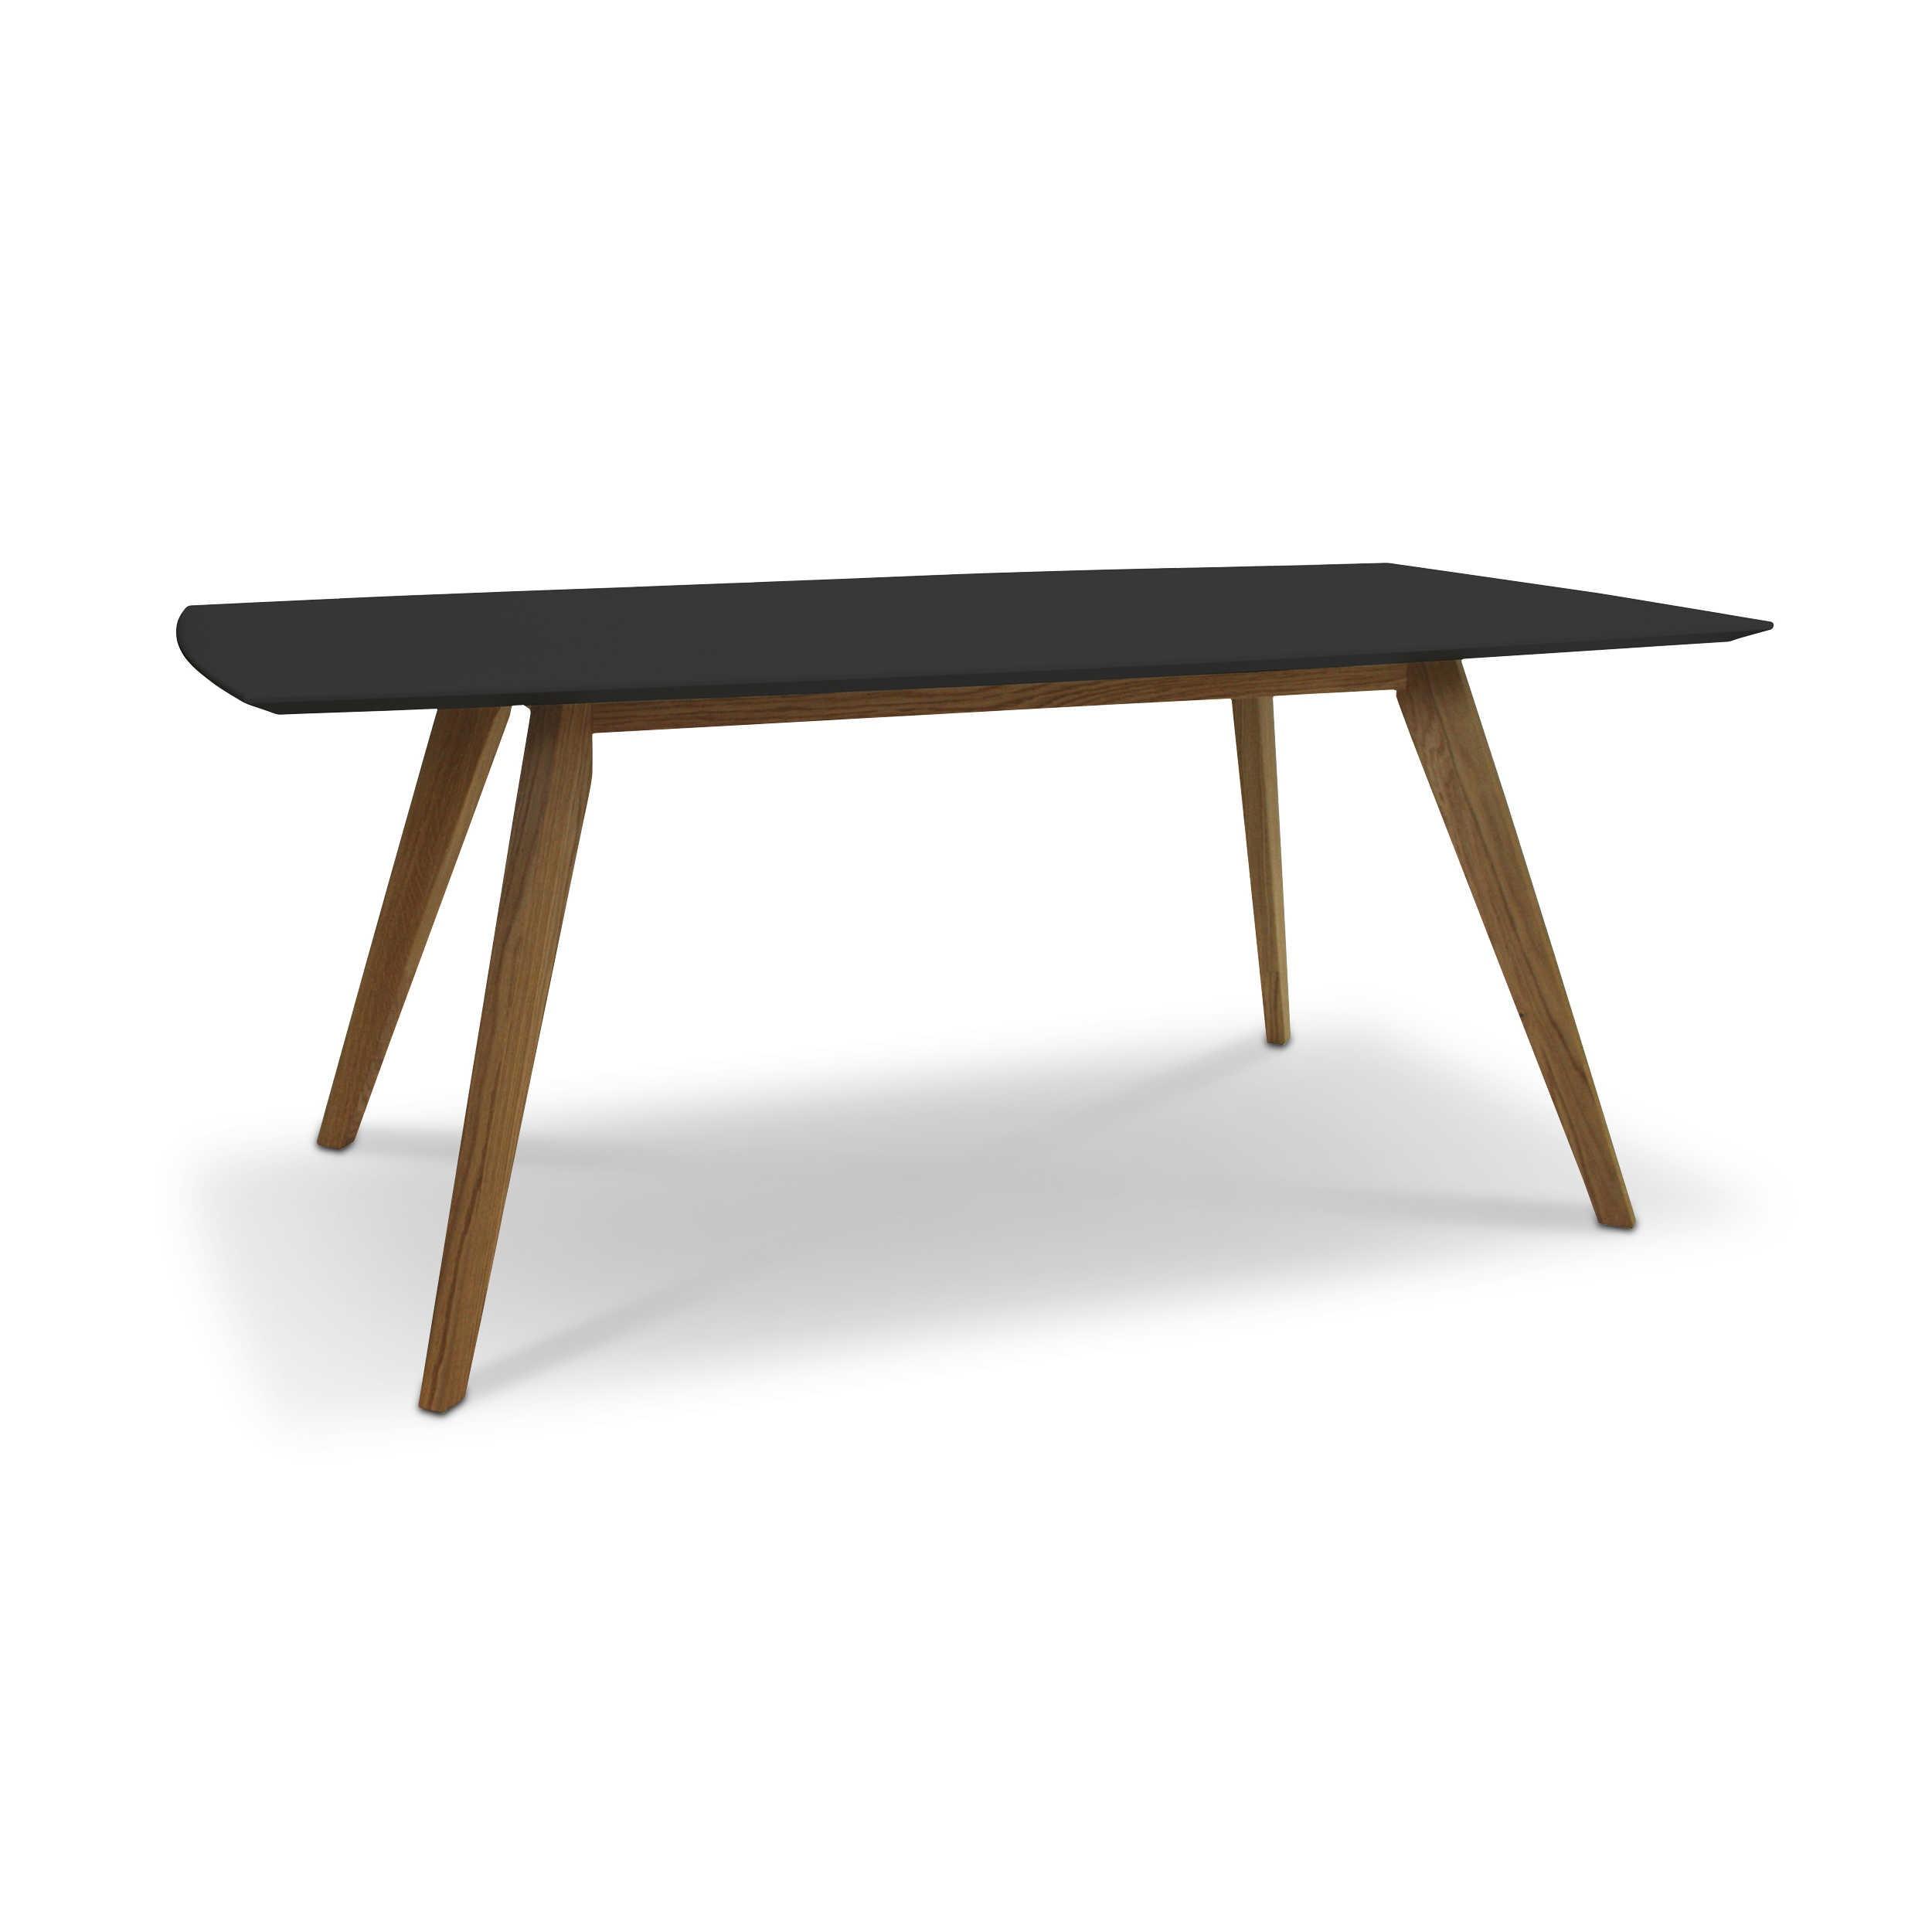 esstisch schwarz lack, tenzo esstisch bess 185 x 95 cm schwarz lack / hochglanz online, Design ideen